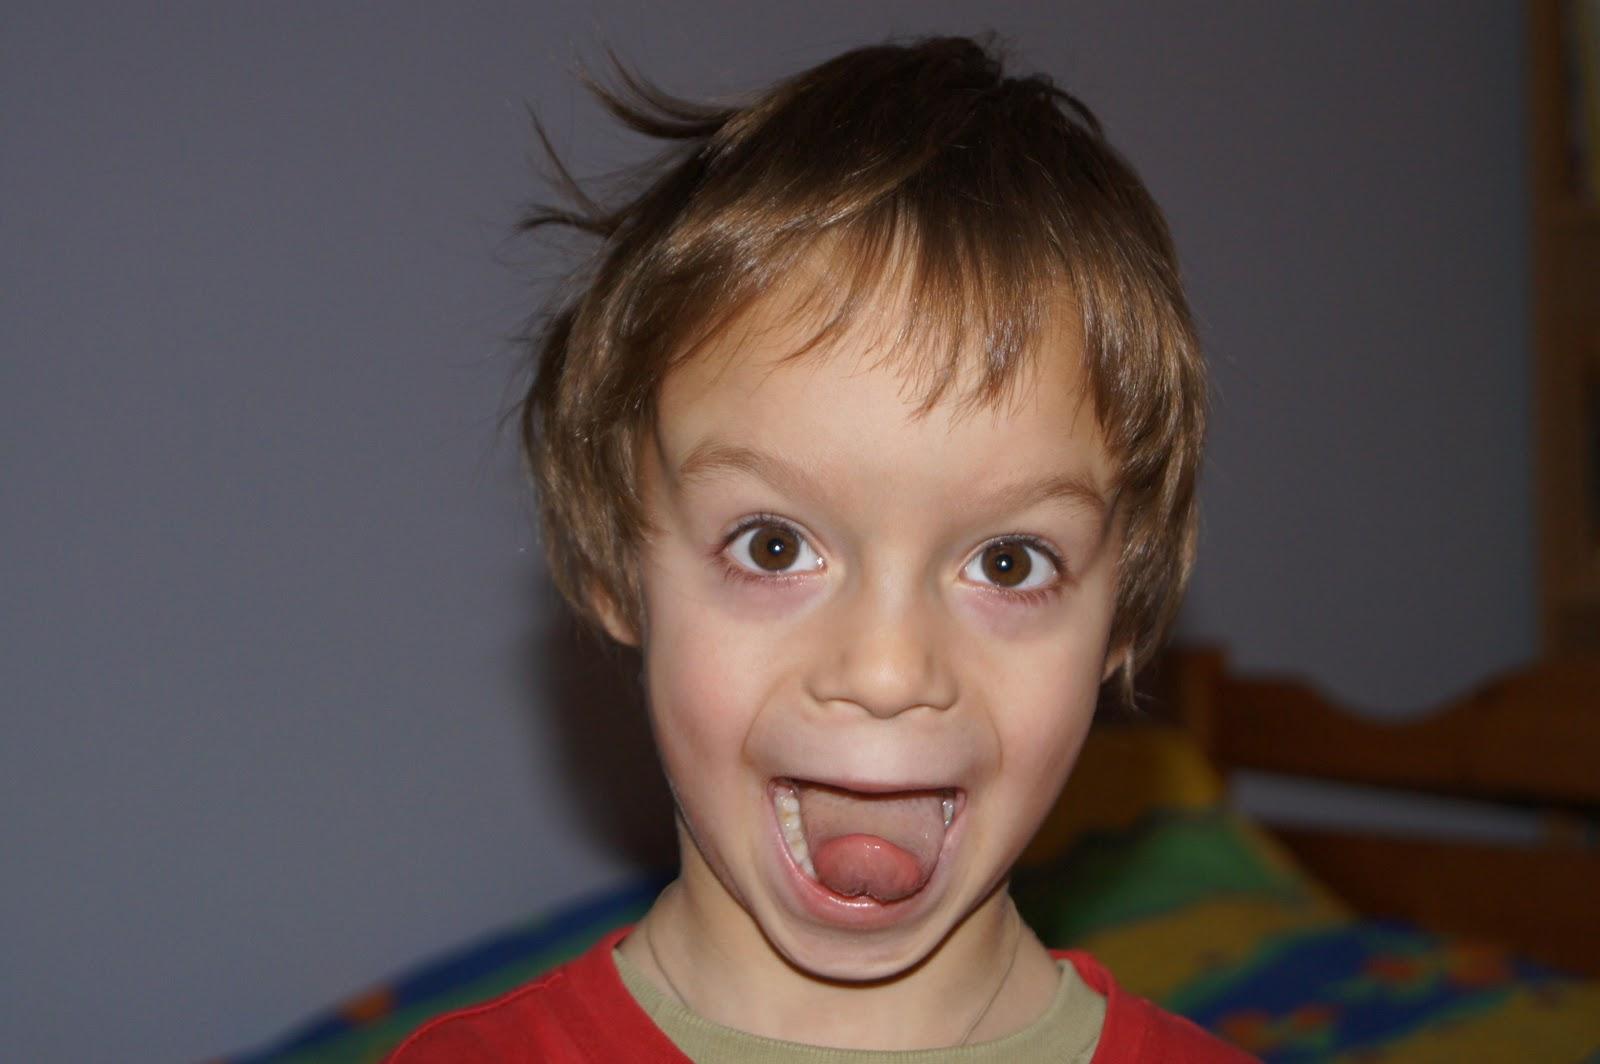 Фото ребенка с алкогольным синдромом